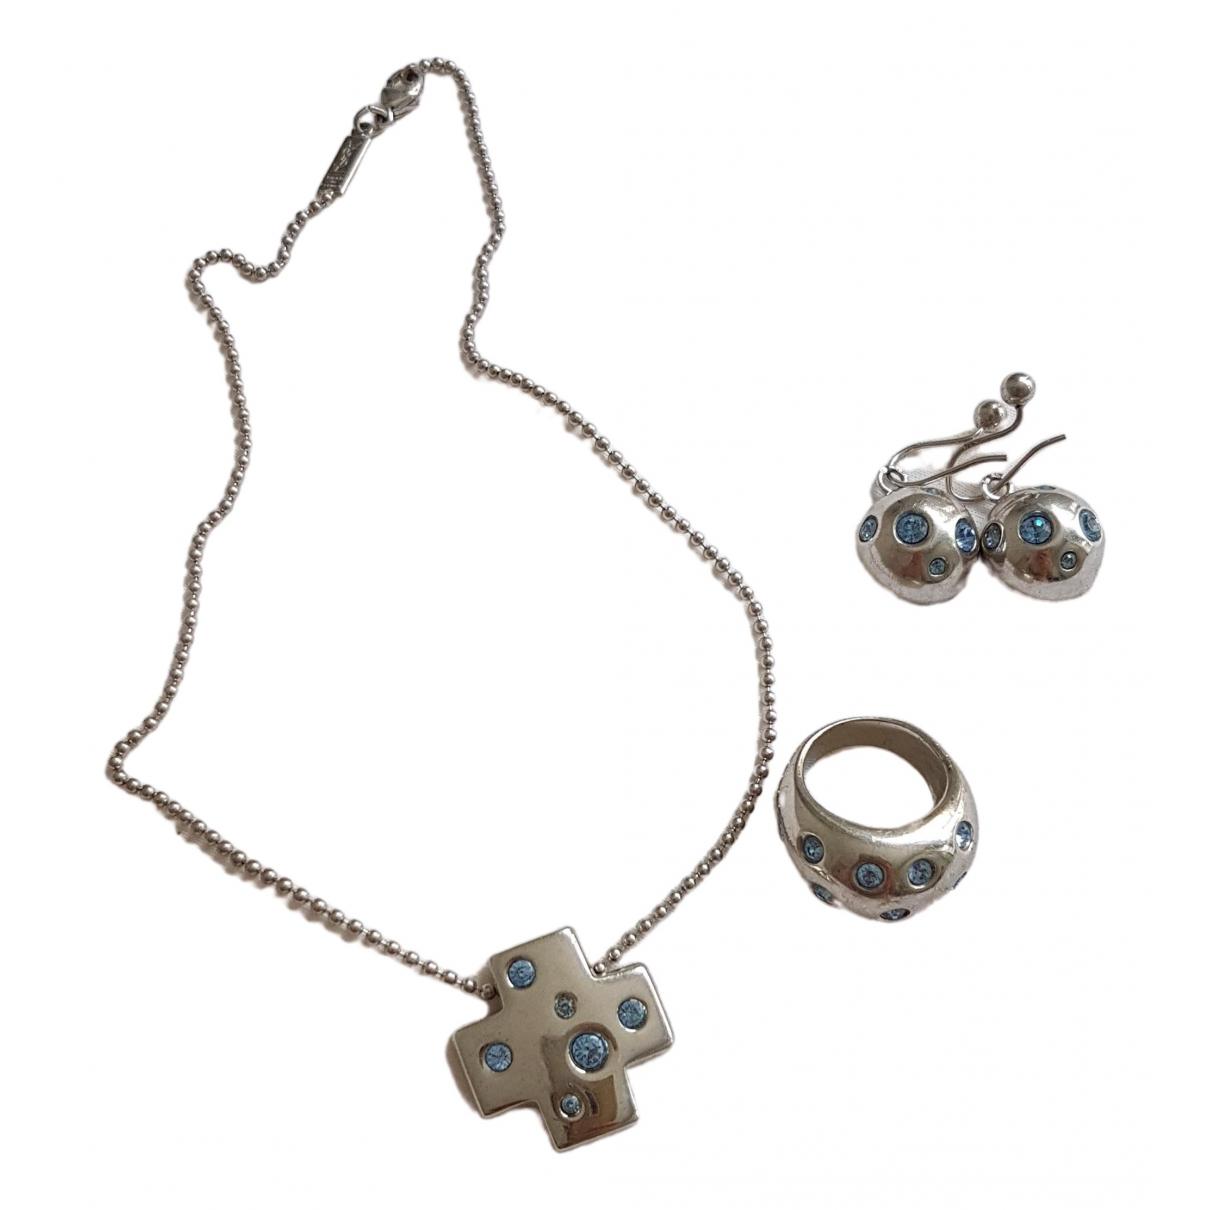 Yves Saint Laurent \N Schmuck-set in  Silber Silber